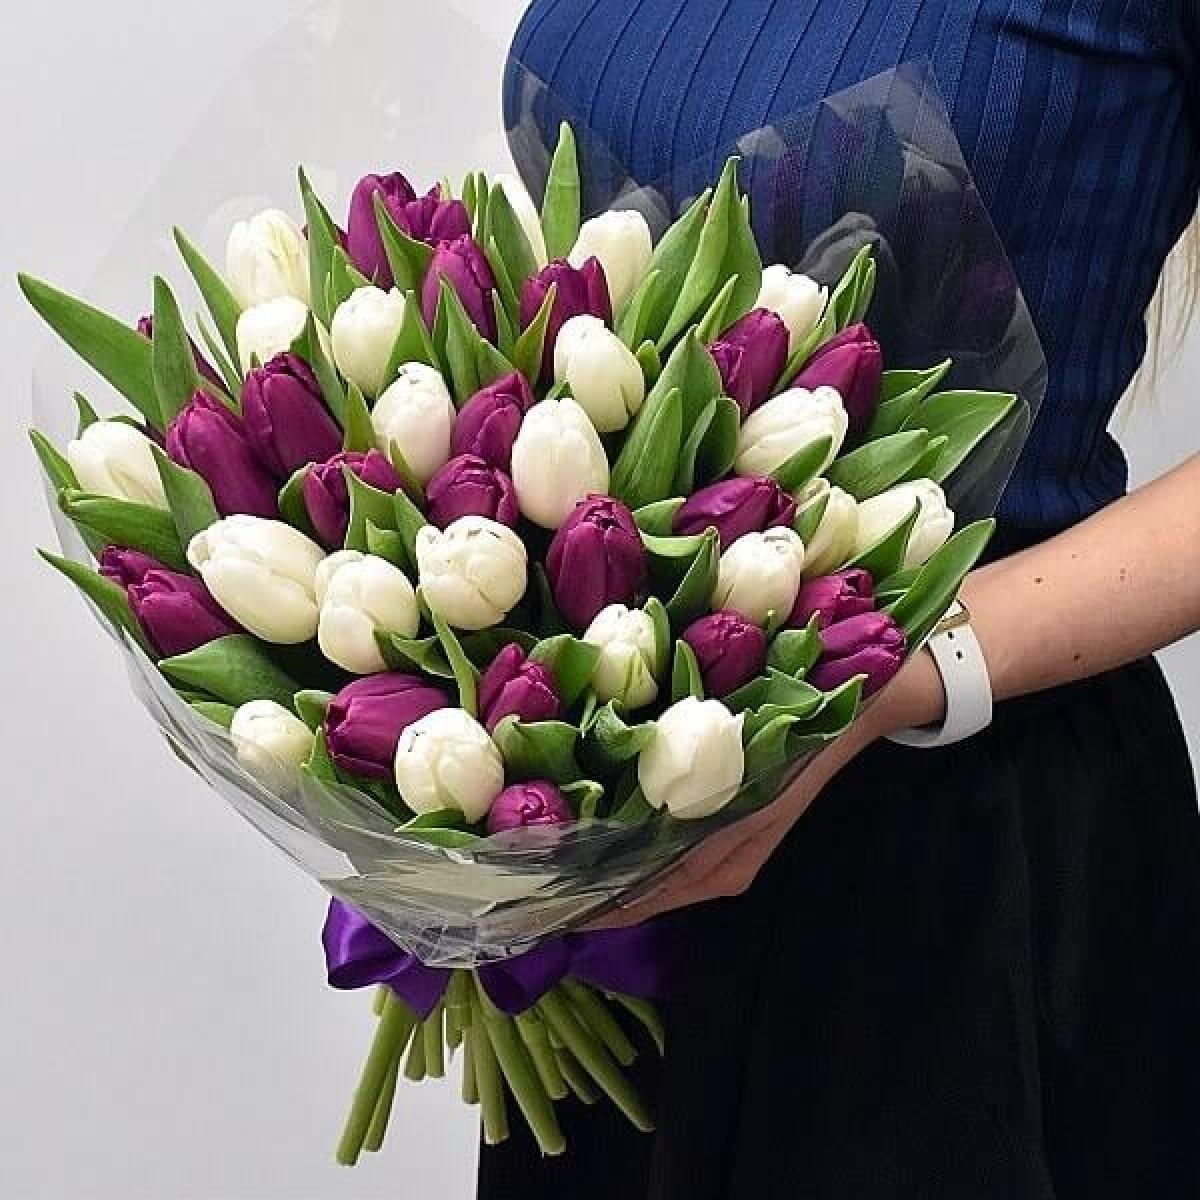 25 пурлурни и бели лалета лалета в луксозна кутия